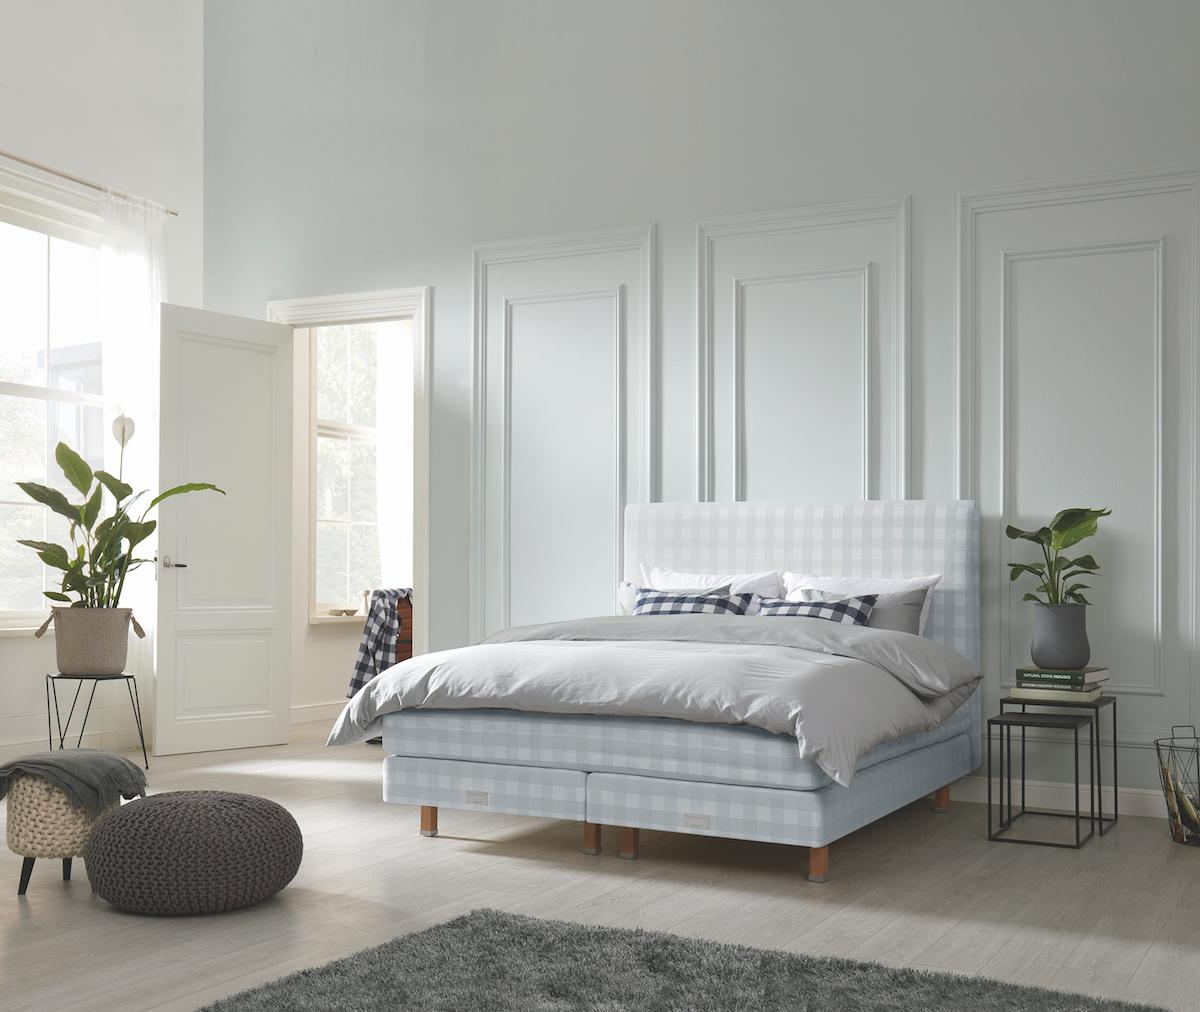 Großzügig Luxurioses Bett Design Hastens Guten Schlaf Zeitgenössisch ...